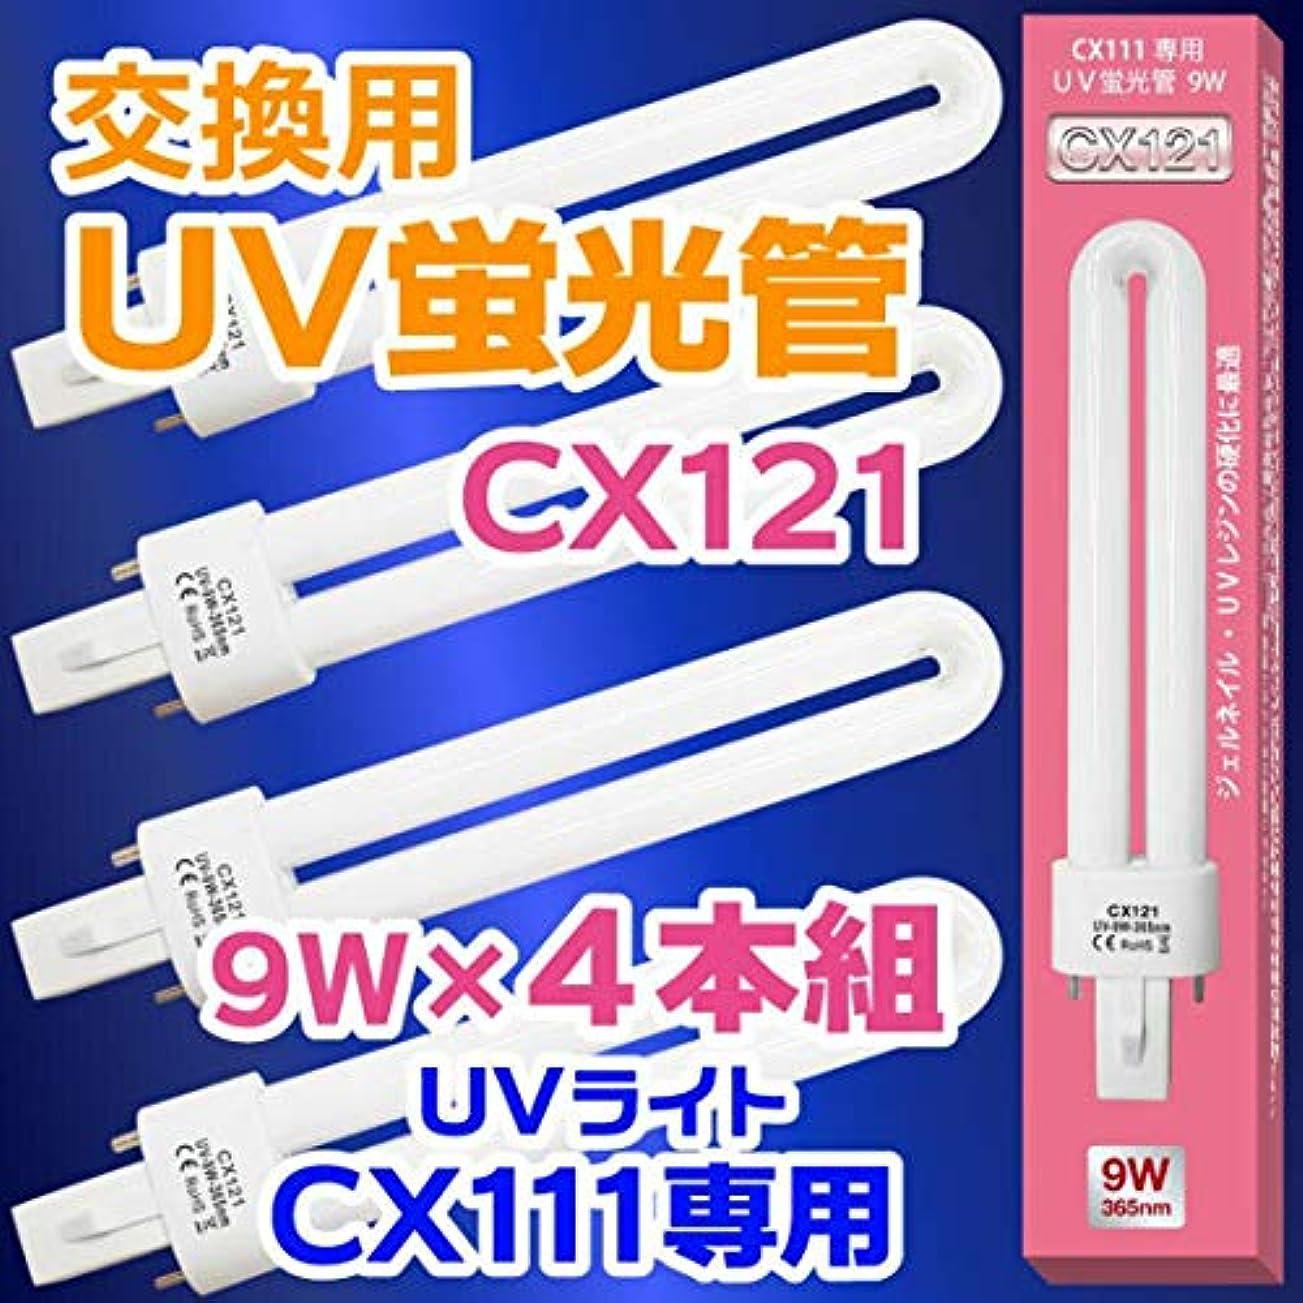 失望させる一方、スイッチUVライト交換用電球 替え電球 9W×4本セット36W UVバルブ ネイル uv蛍光管 36WUVライト用 紫外線蛍光灯 UVランプ お得感